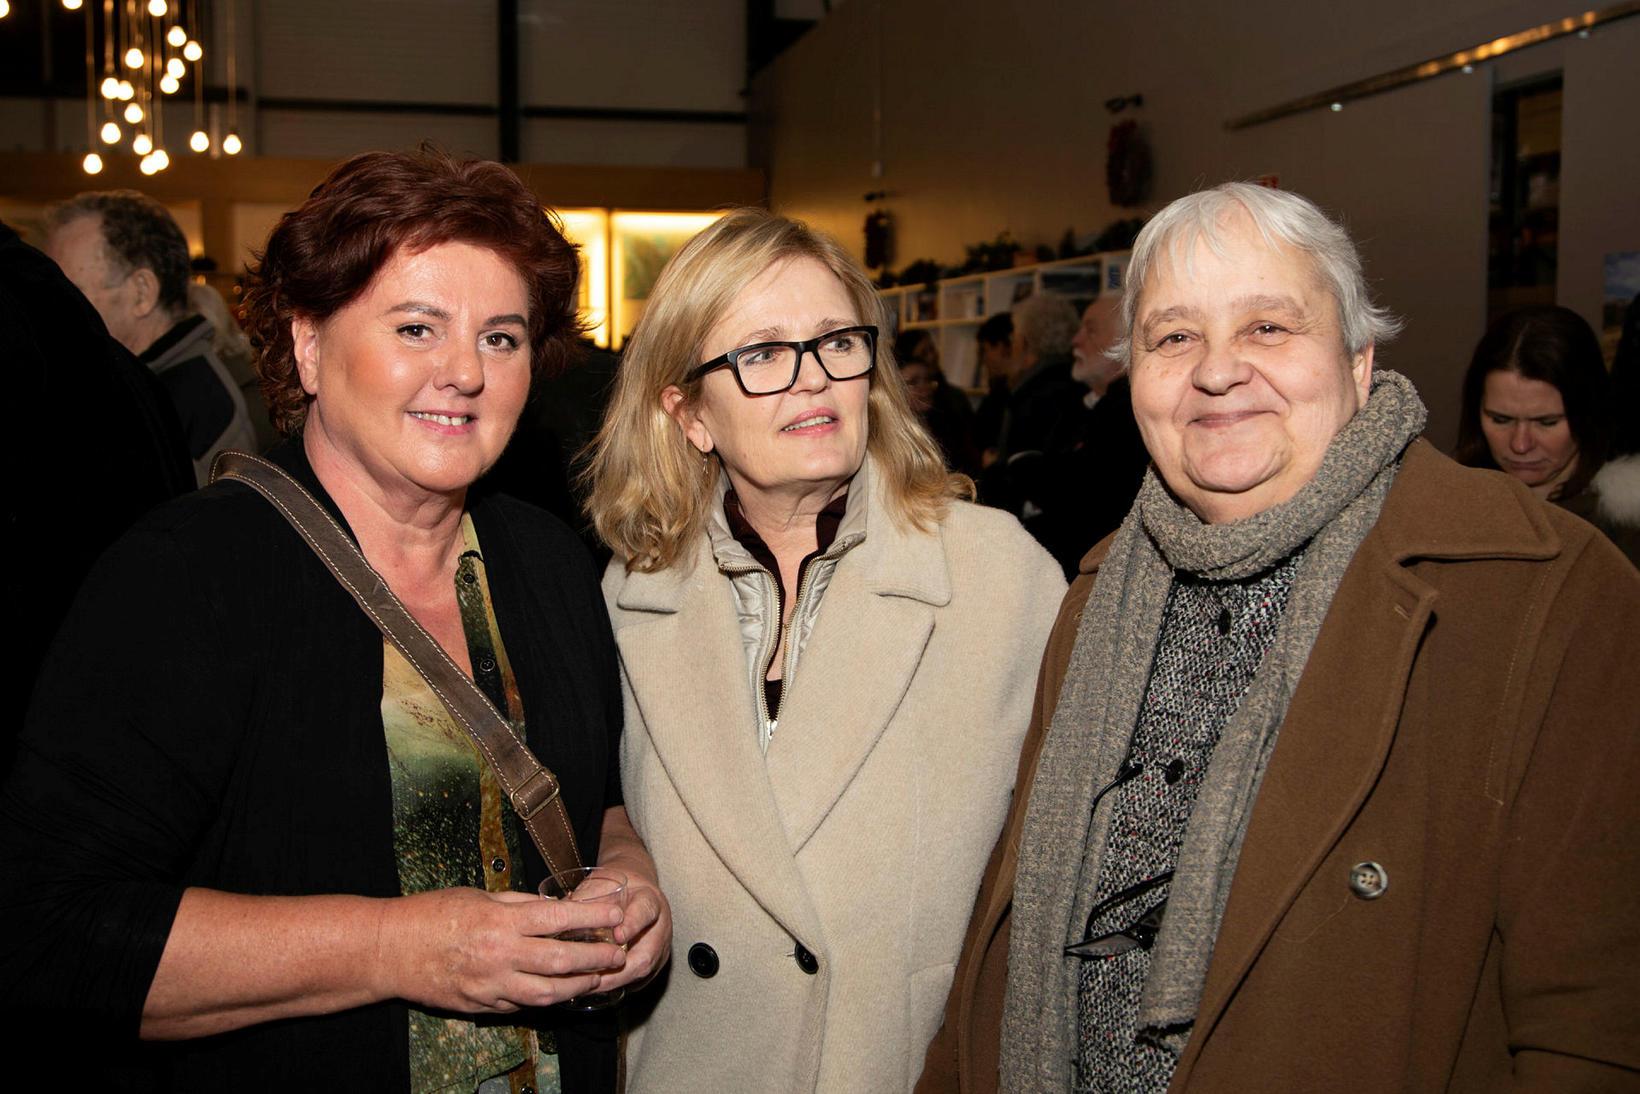 Hugrún Jóhannesdóttir, Ragna Ólafsdóttir og Inga Lára Baldvinsdóttir.